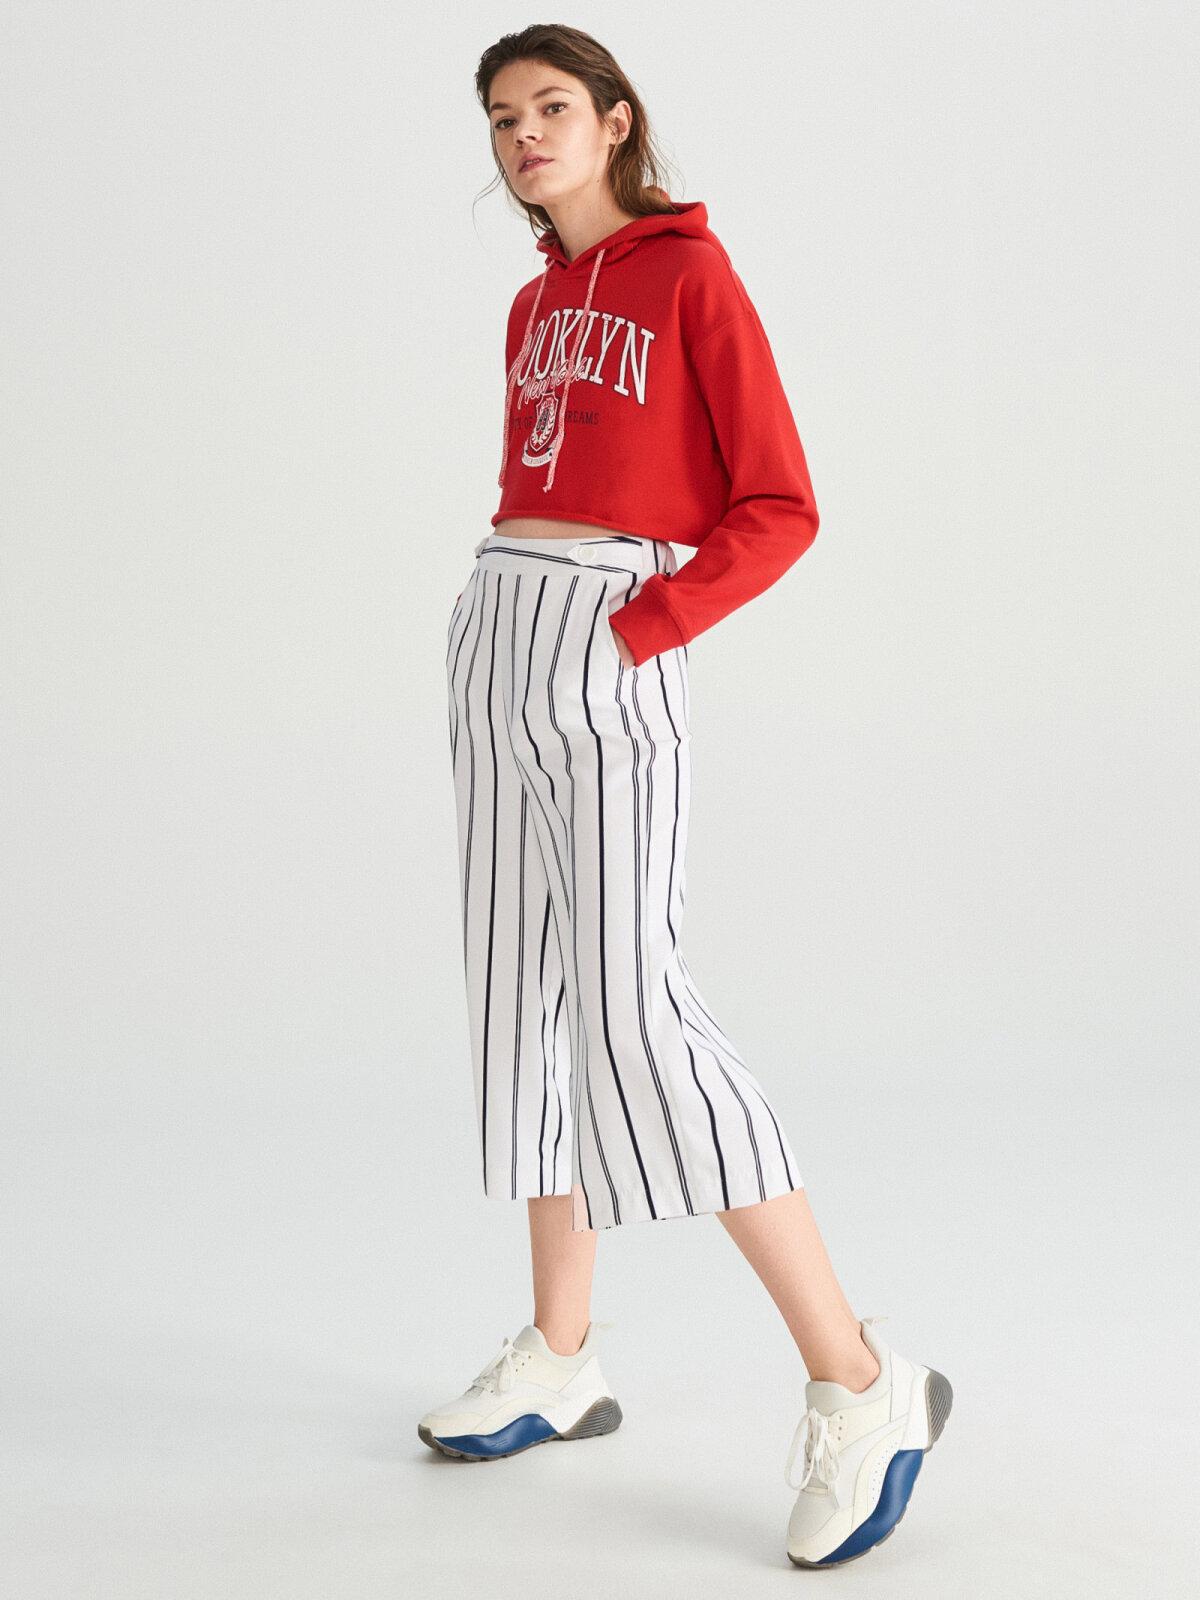 Culotte-püksid. Hind: 19,99 EUR